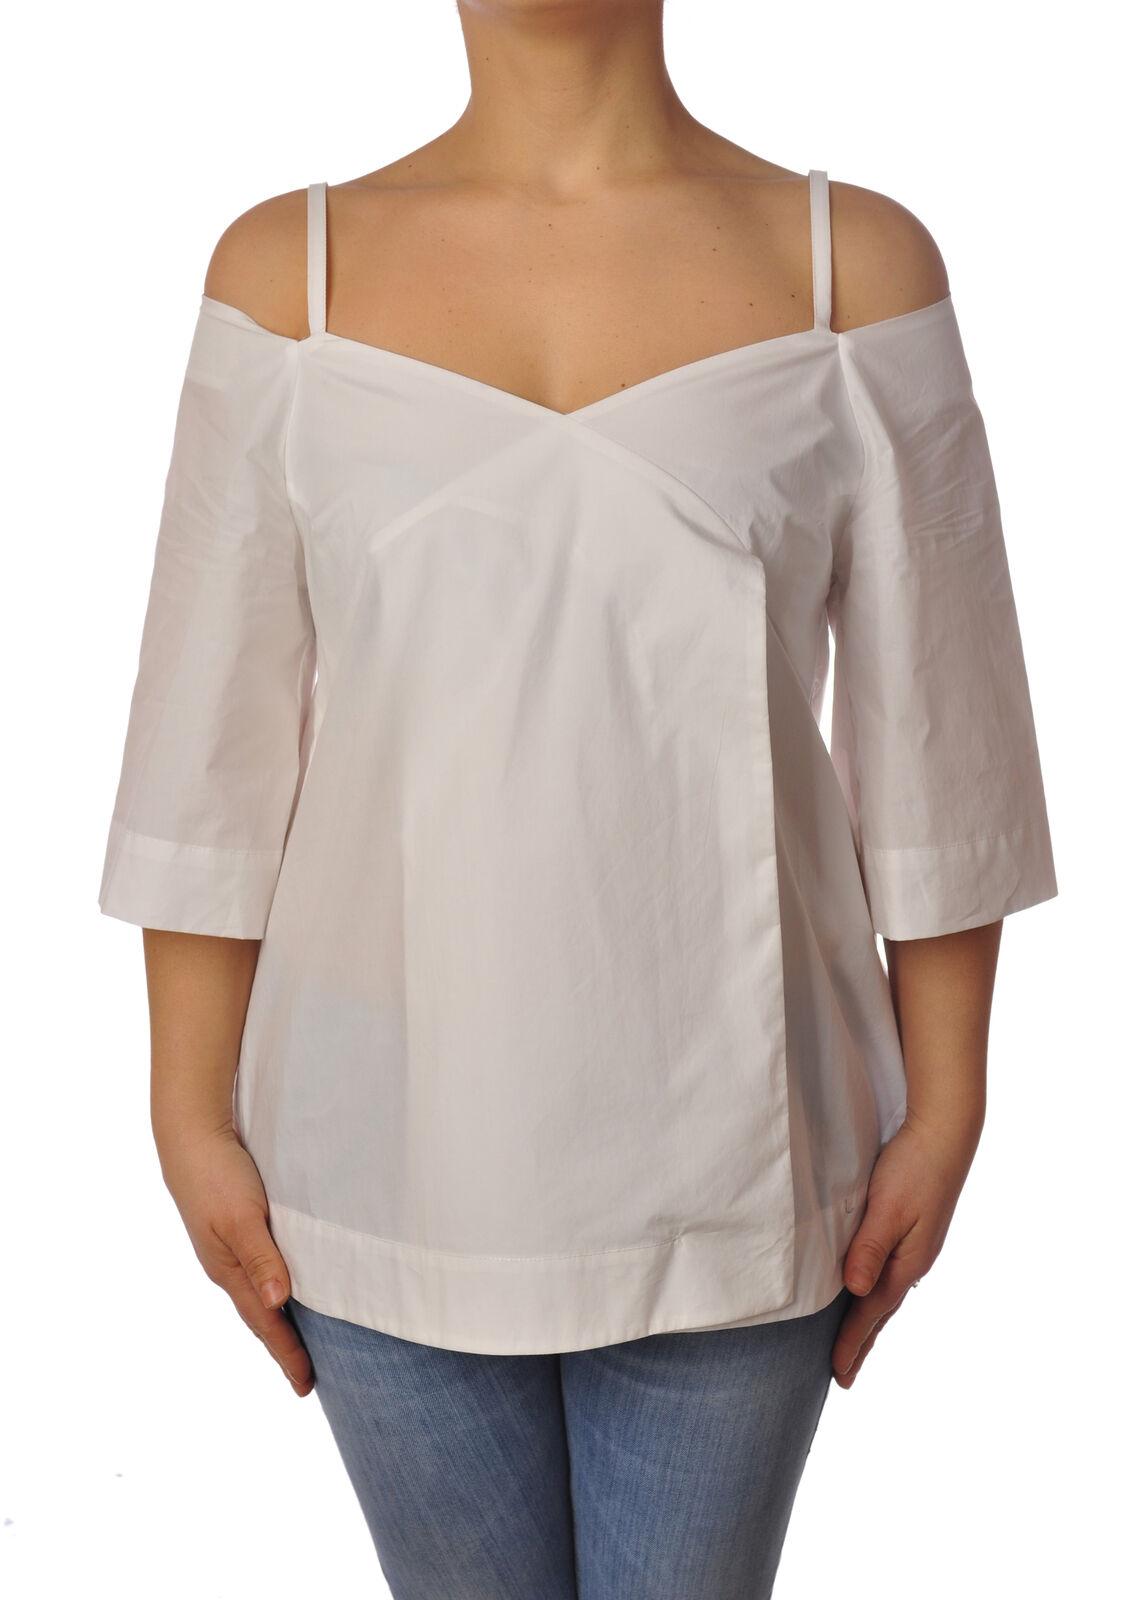 Ottod'ame - Shirts-Blouses - Woman - White - 4958321G184854